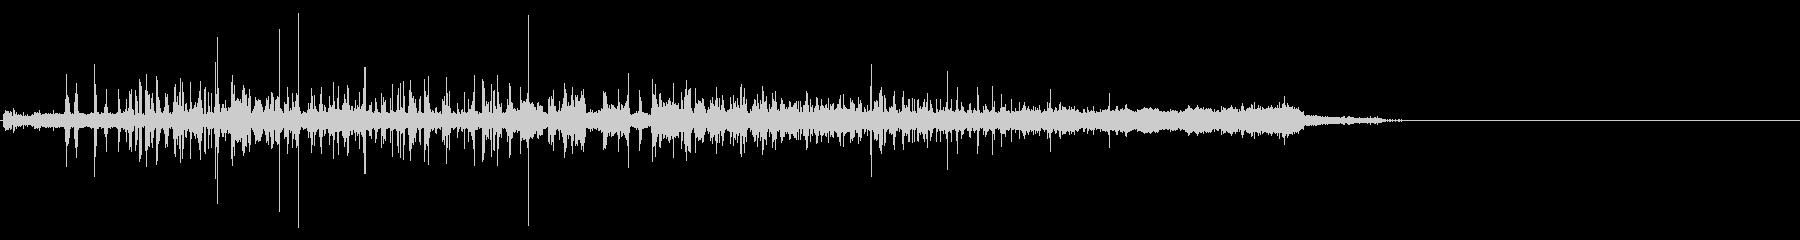 電気ジューサー1:大:スタート、リ...の未再生の波形